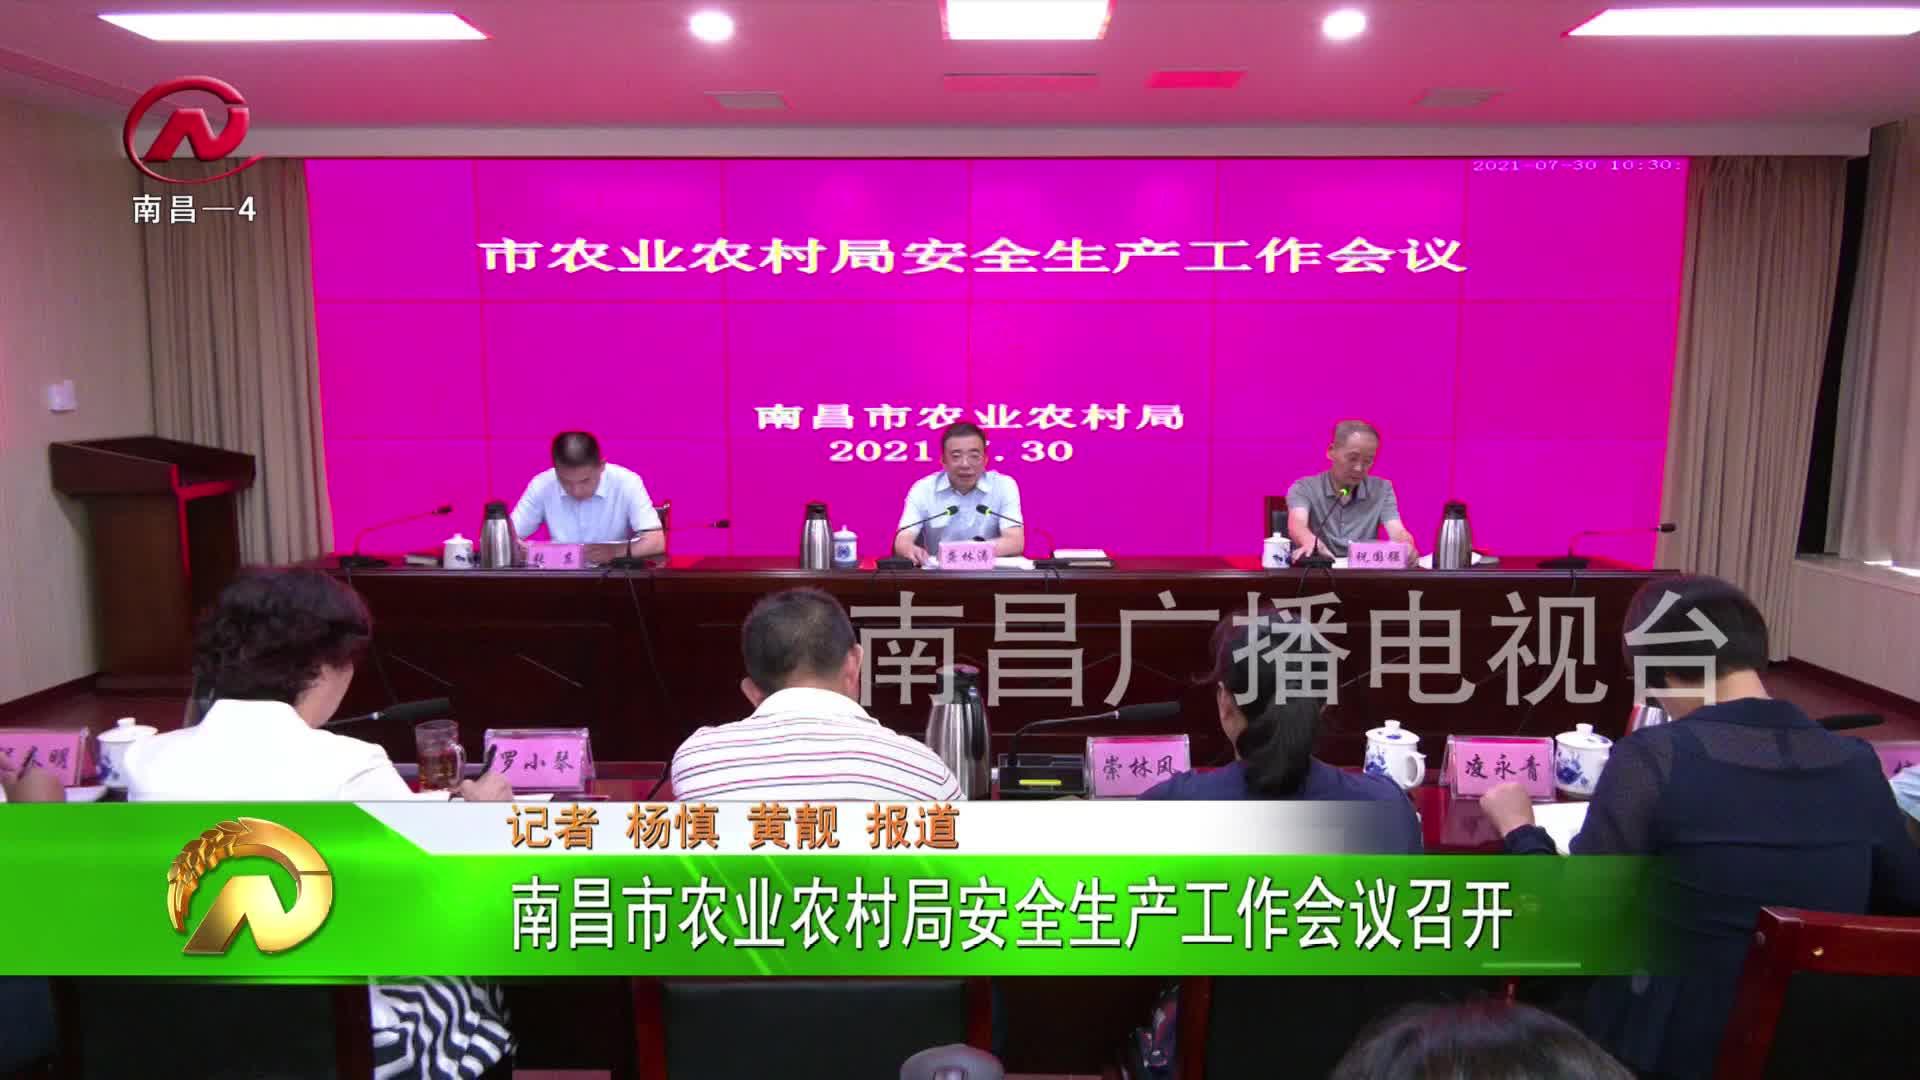 【豫章农视】南昌市农业农村局安全生产工作会议召开